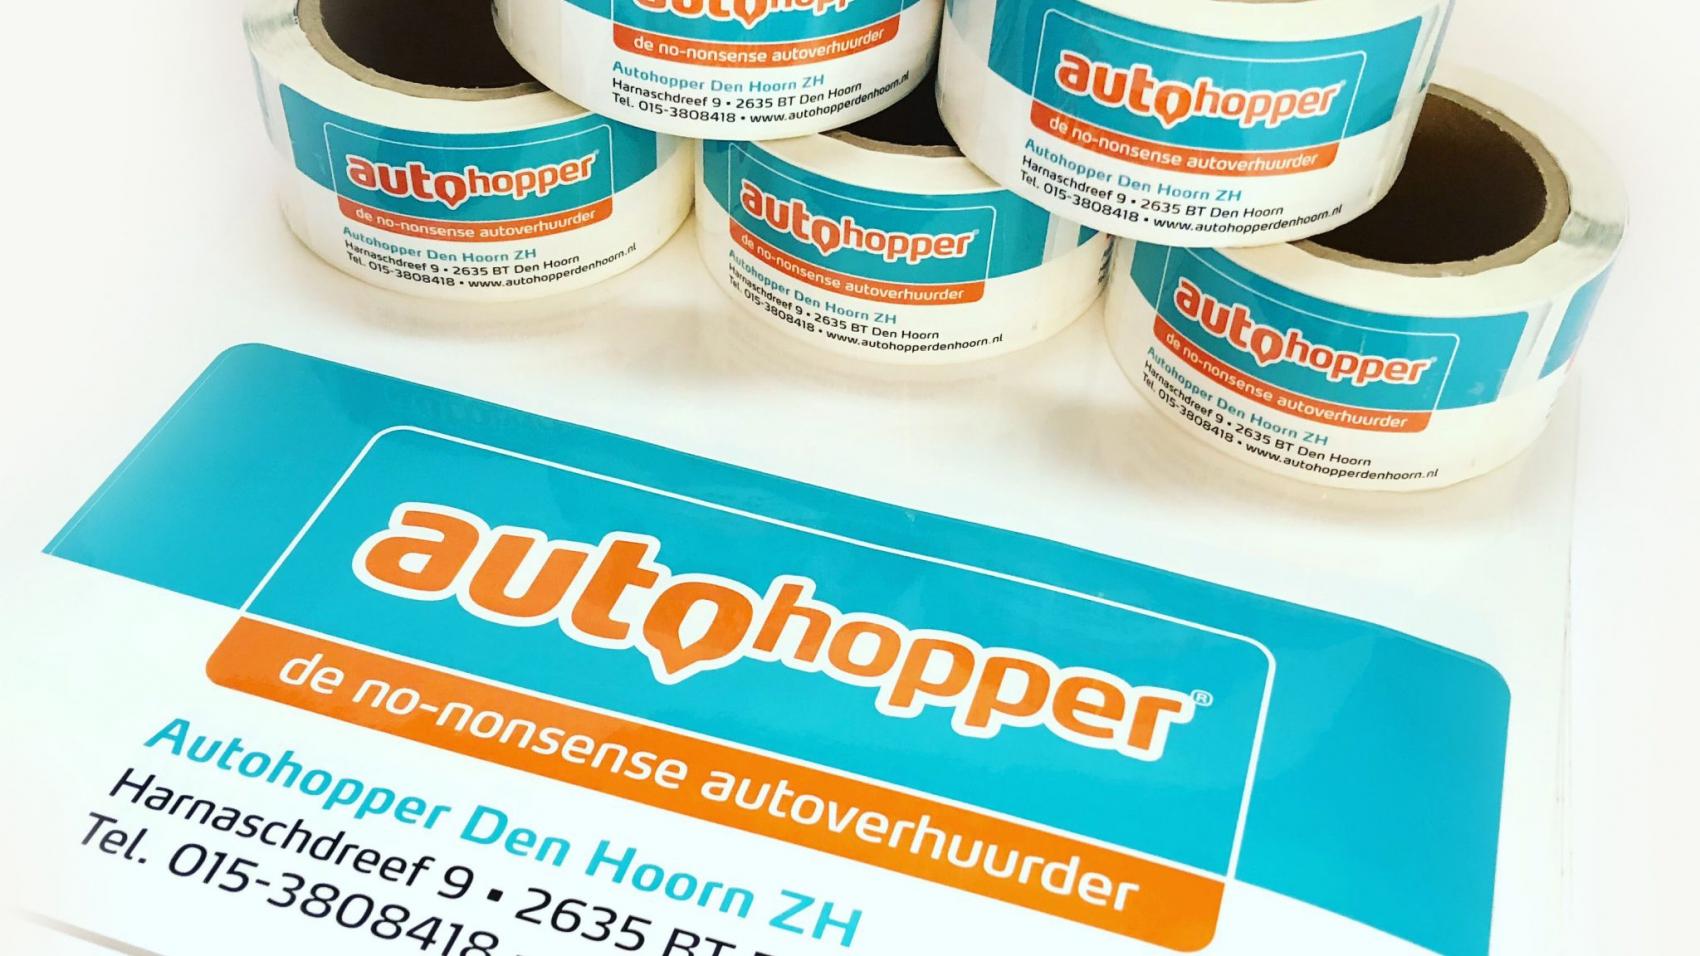 Autohopper stickers